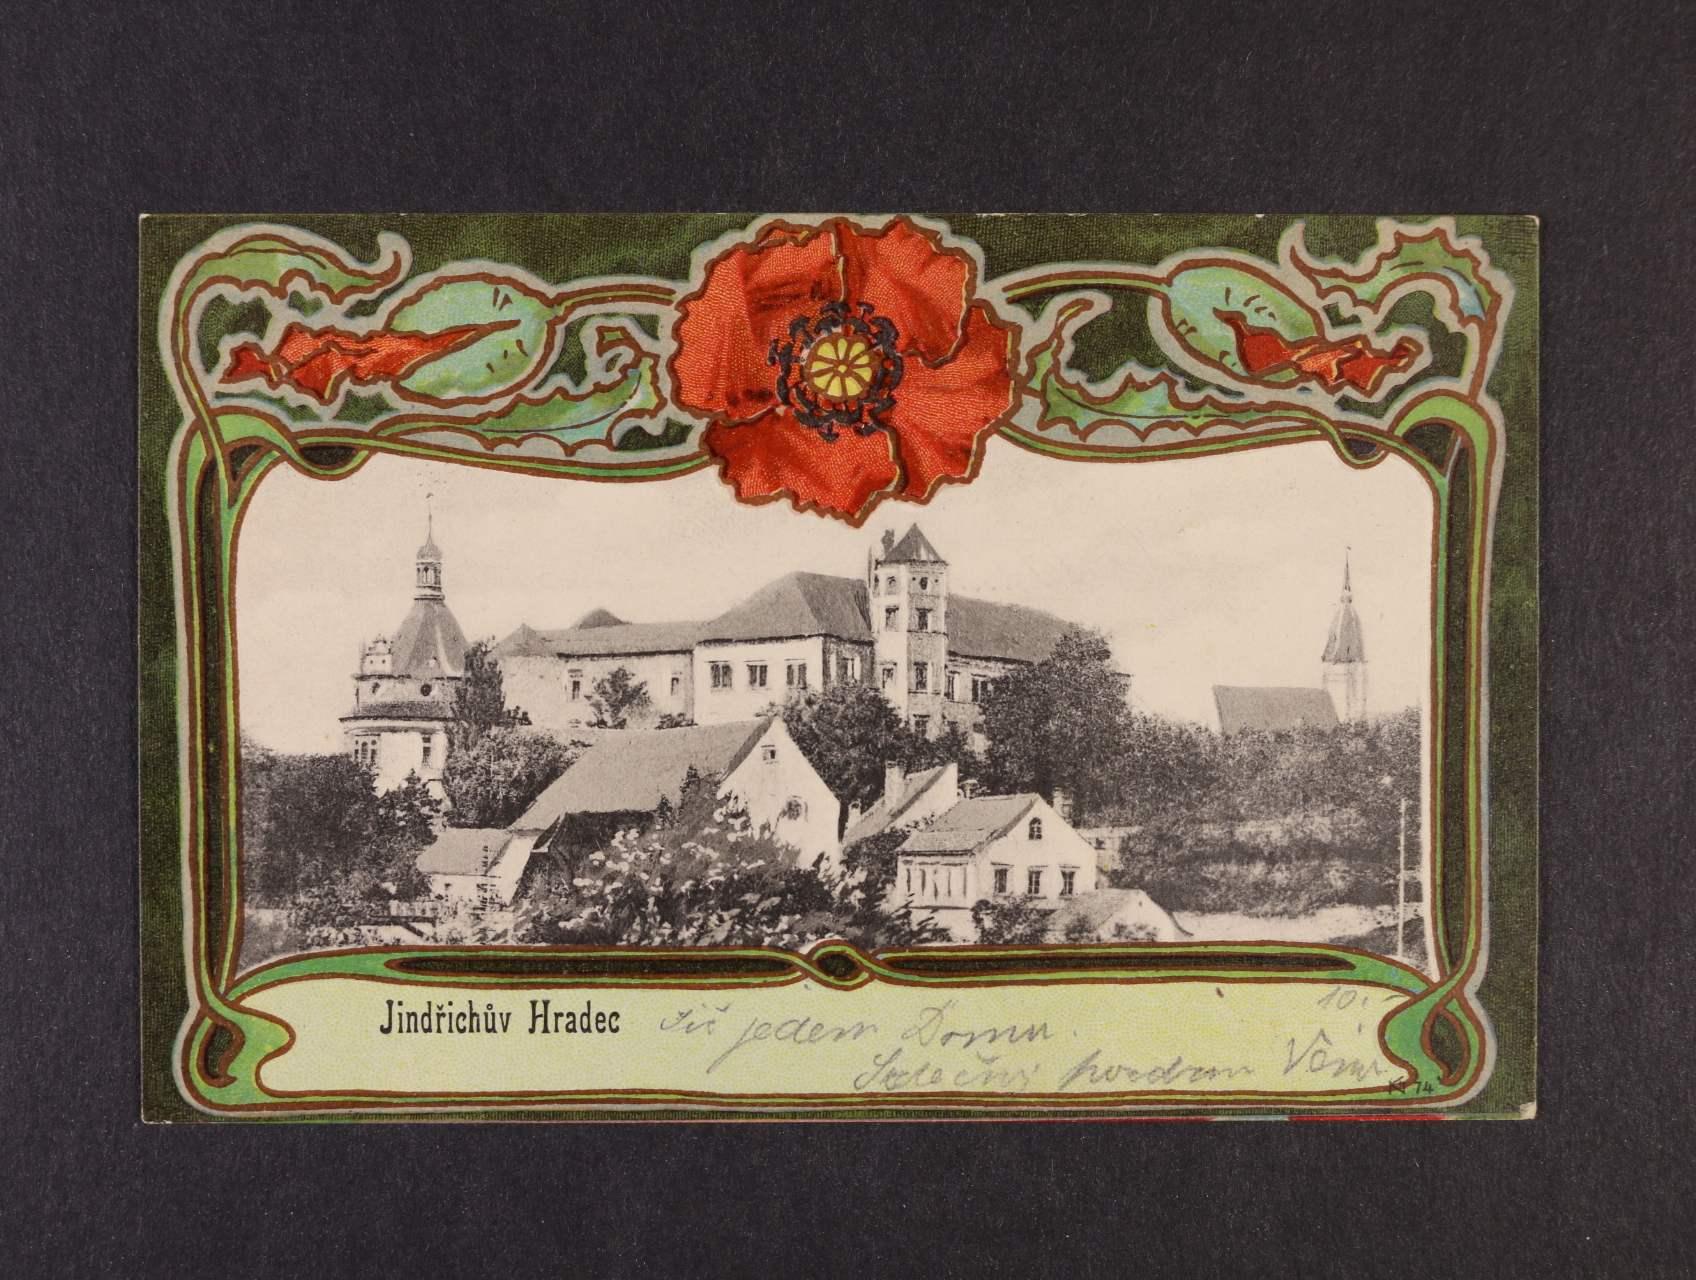 Jindřichův Hradec - bar. litograf. koláž použitá 1904, velmi dobrá kvalita